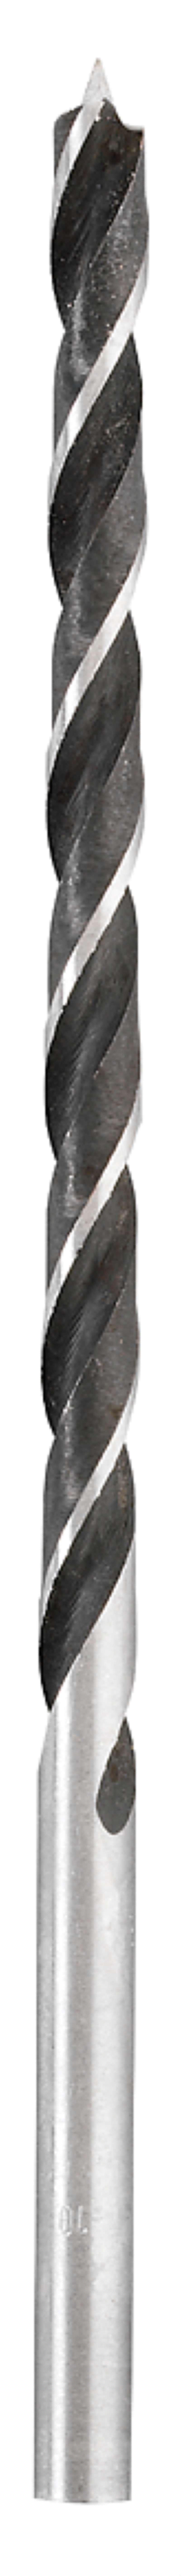 Купить Сверло по дереву Kwb 5128-10